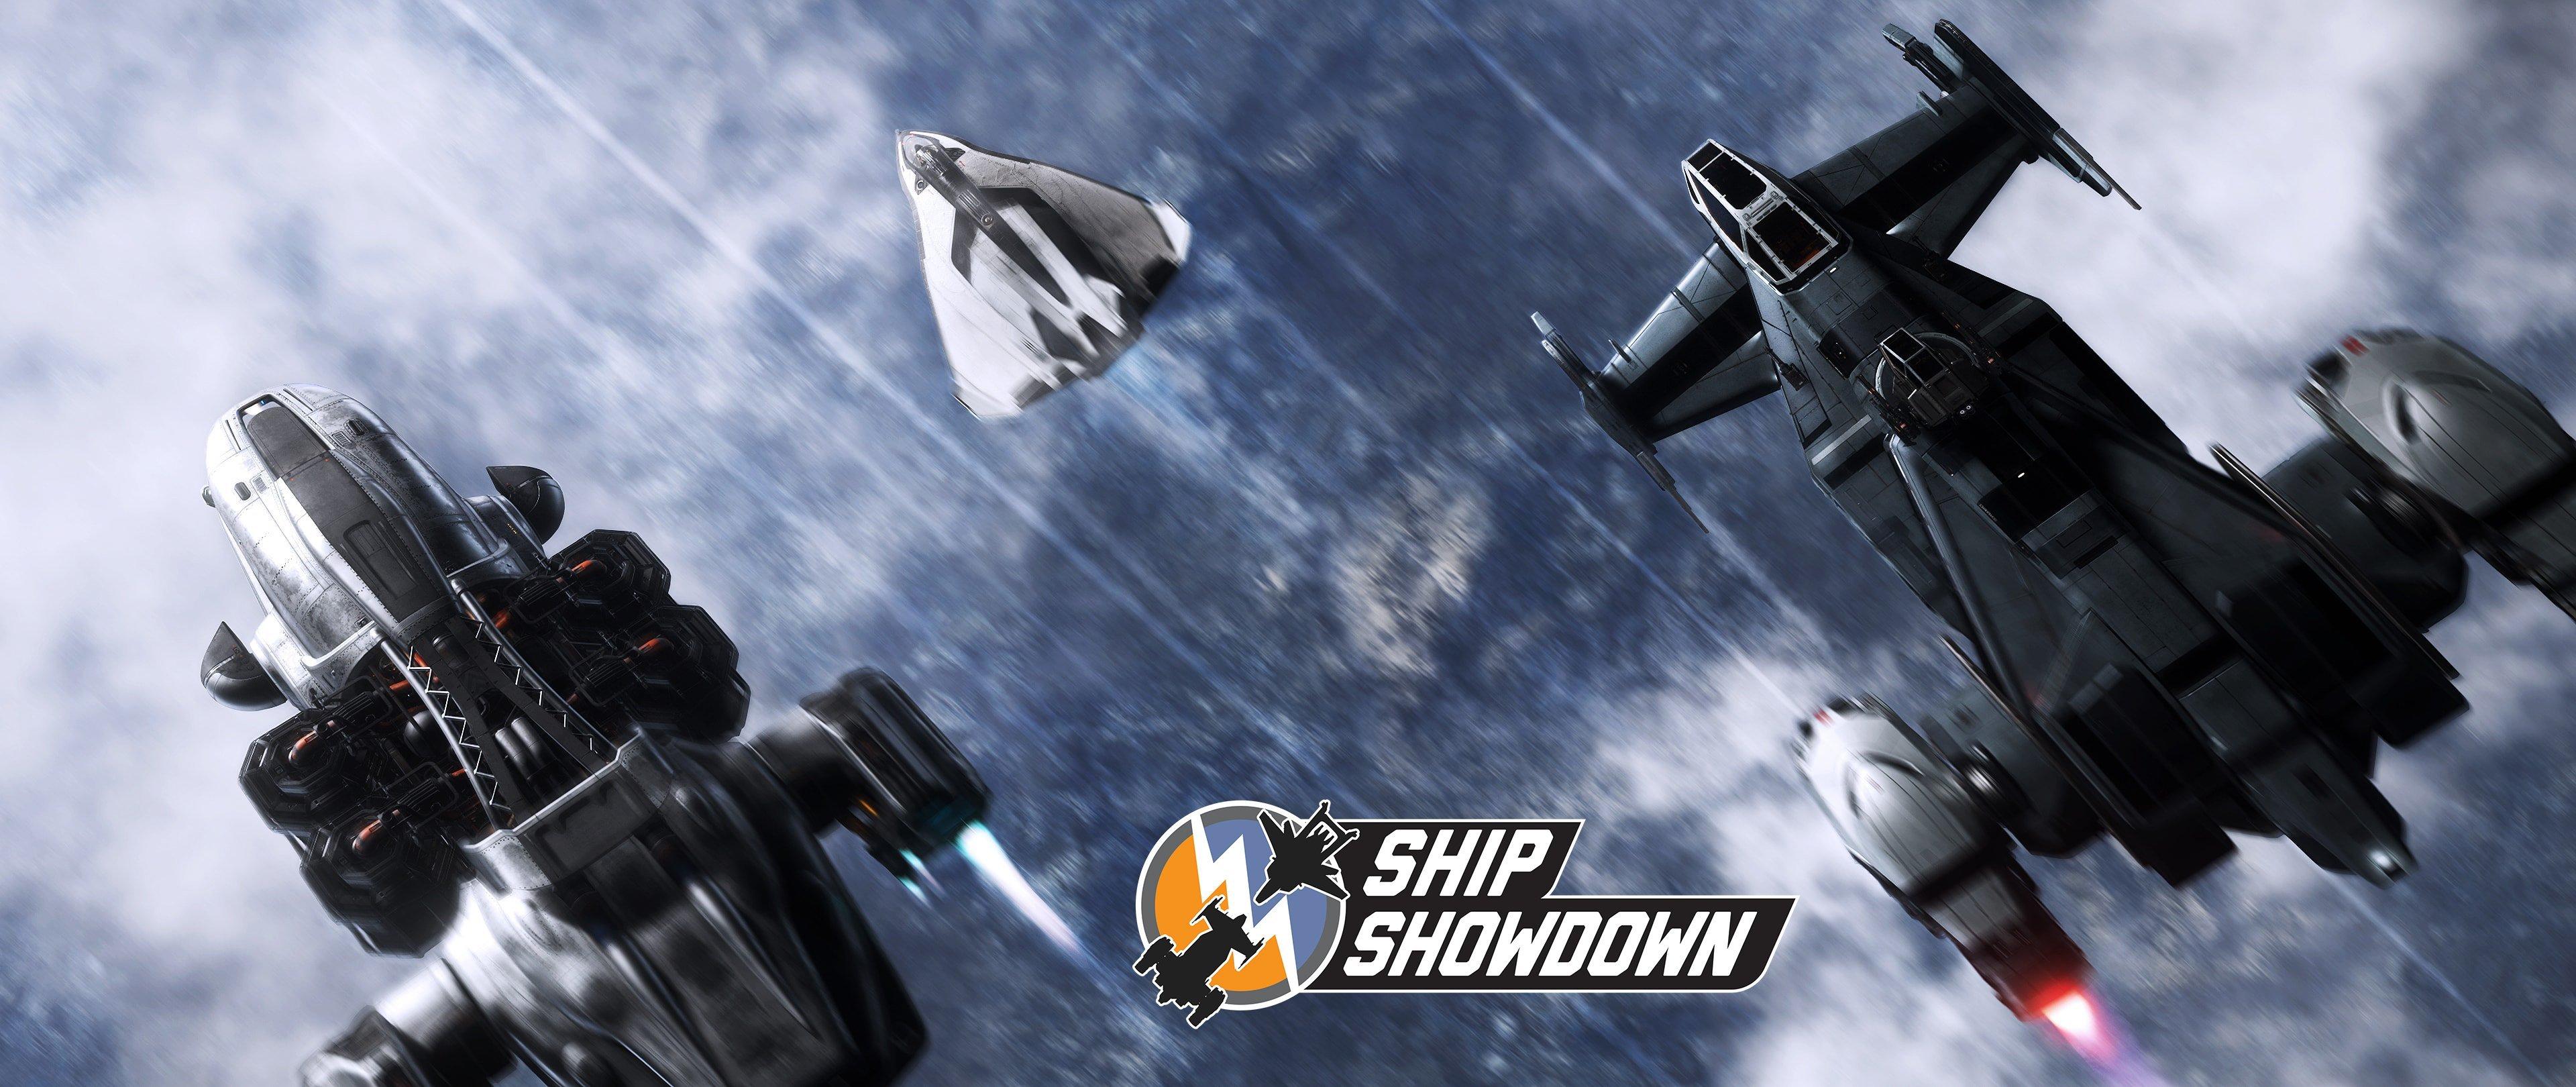 Wypróbuj Star Citizen za darmo jeszcze przez 9 dni! | 16 darmowych statków! | Ship Showdown: Wrzesień 2020